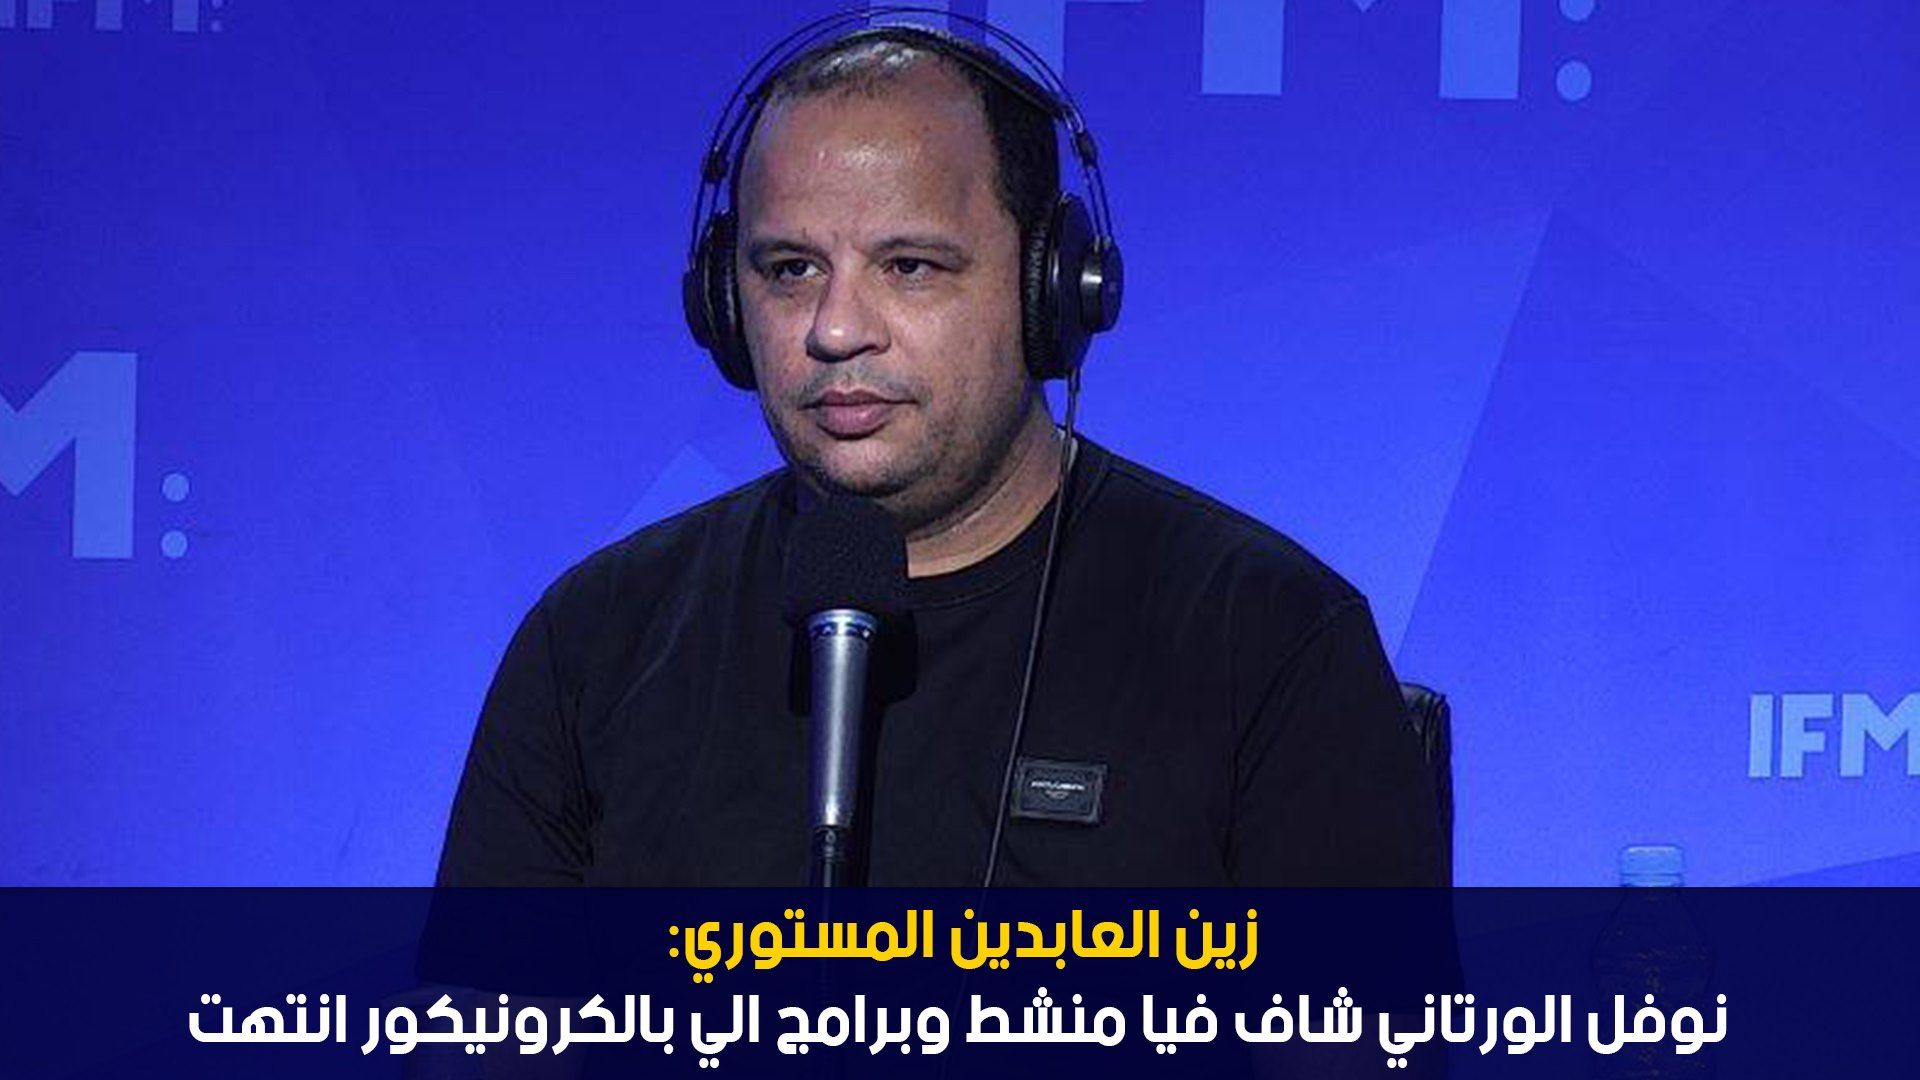 زين العابدين المستوري: نوفل الورتاني شاف فيا منشط وبرامج الي بالكرونيكور انتهت